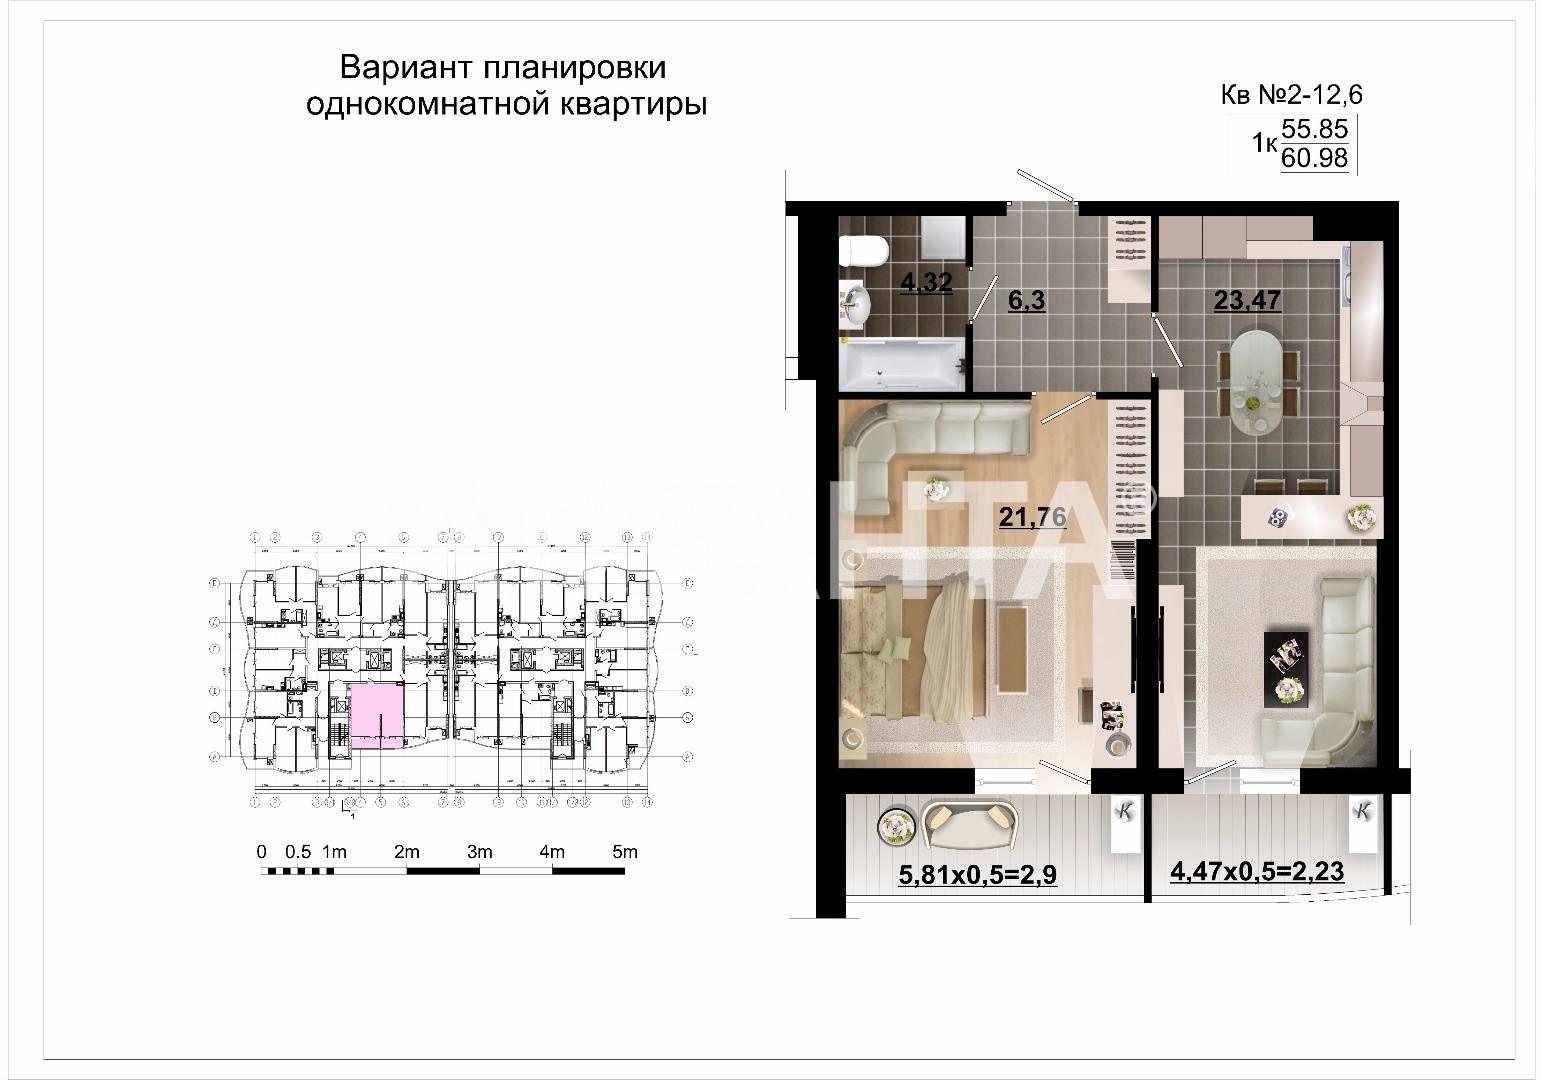 Продается 1-комнатная Квартира на ул. Кордонный Пер. — 48 700 у.е. (фото №8)